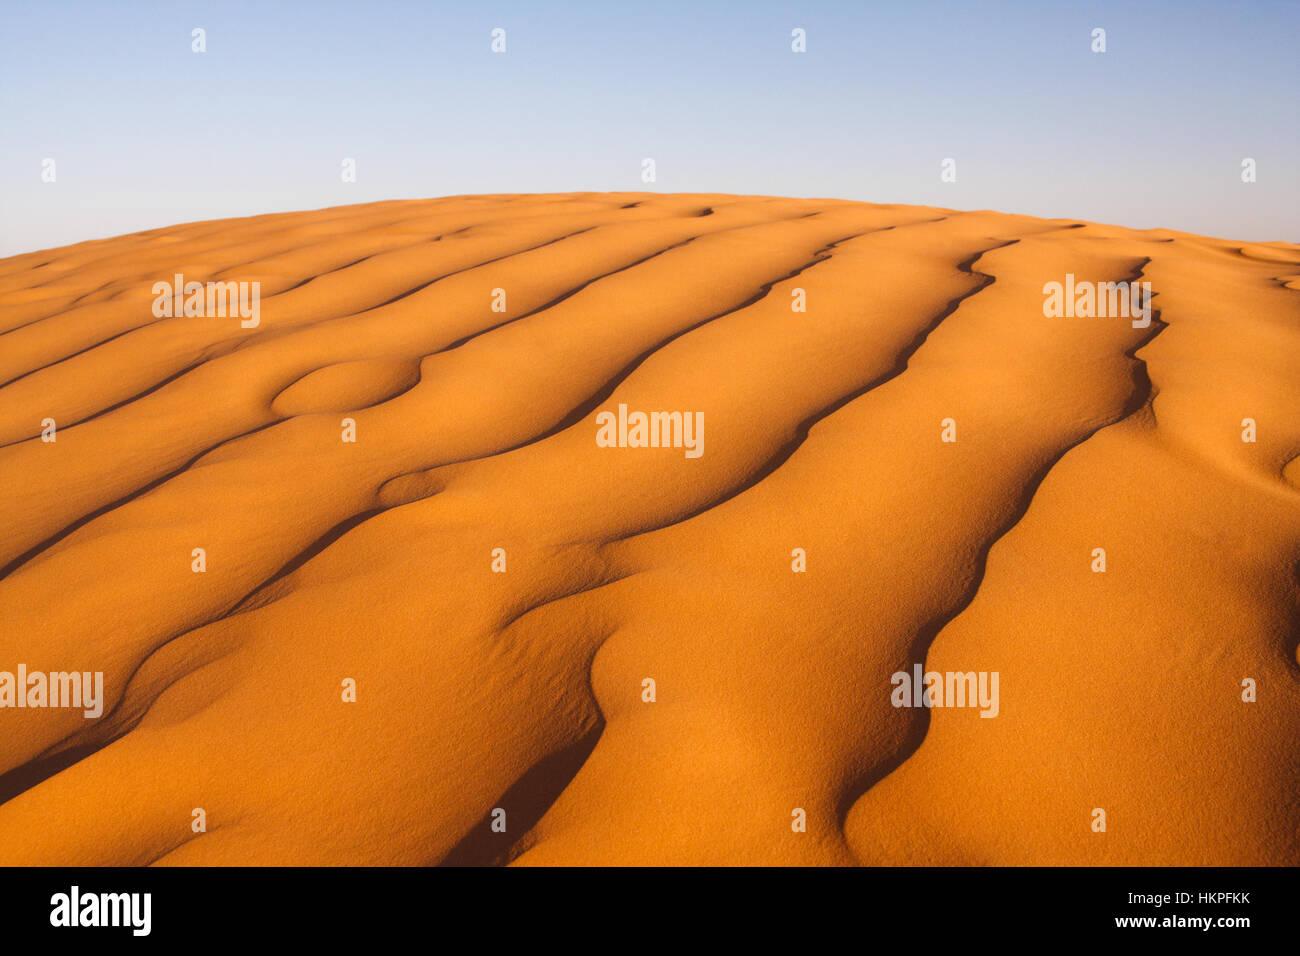 Bellissimi modelli di sabbia nel deserto del Sahara, Tunisia, Africa Foto Stock